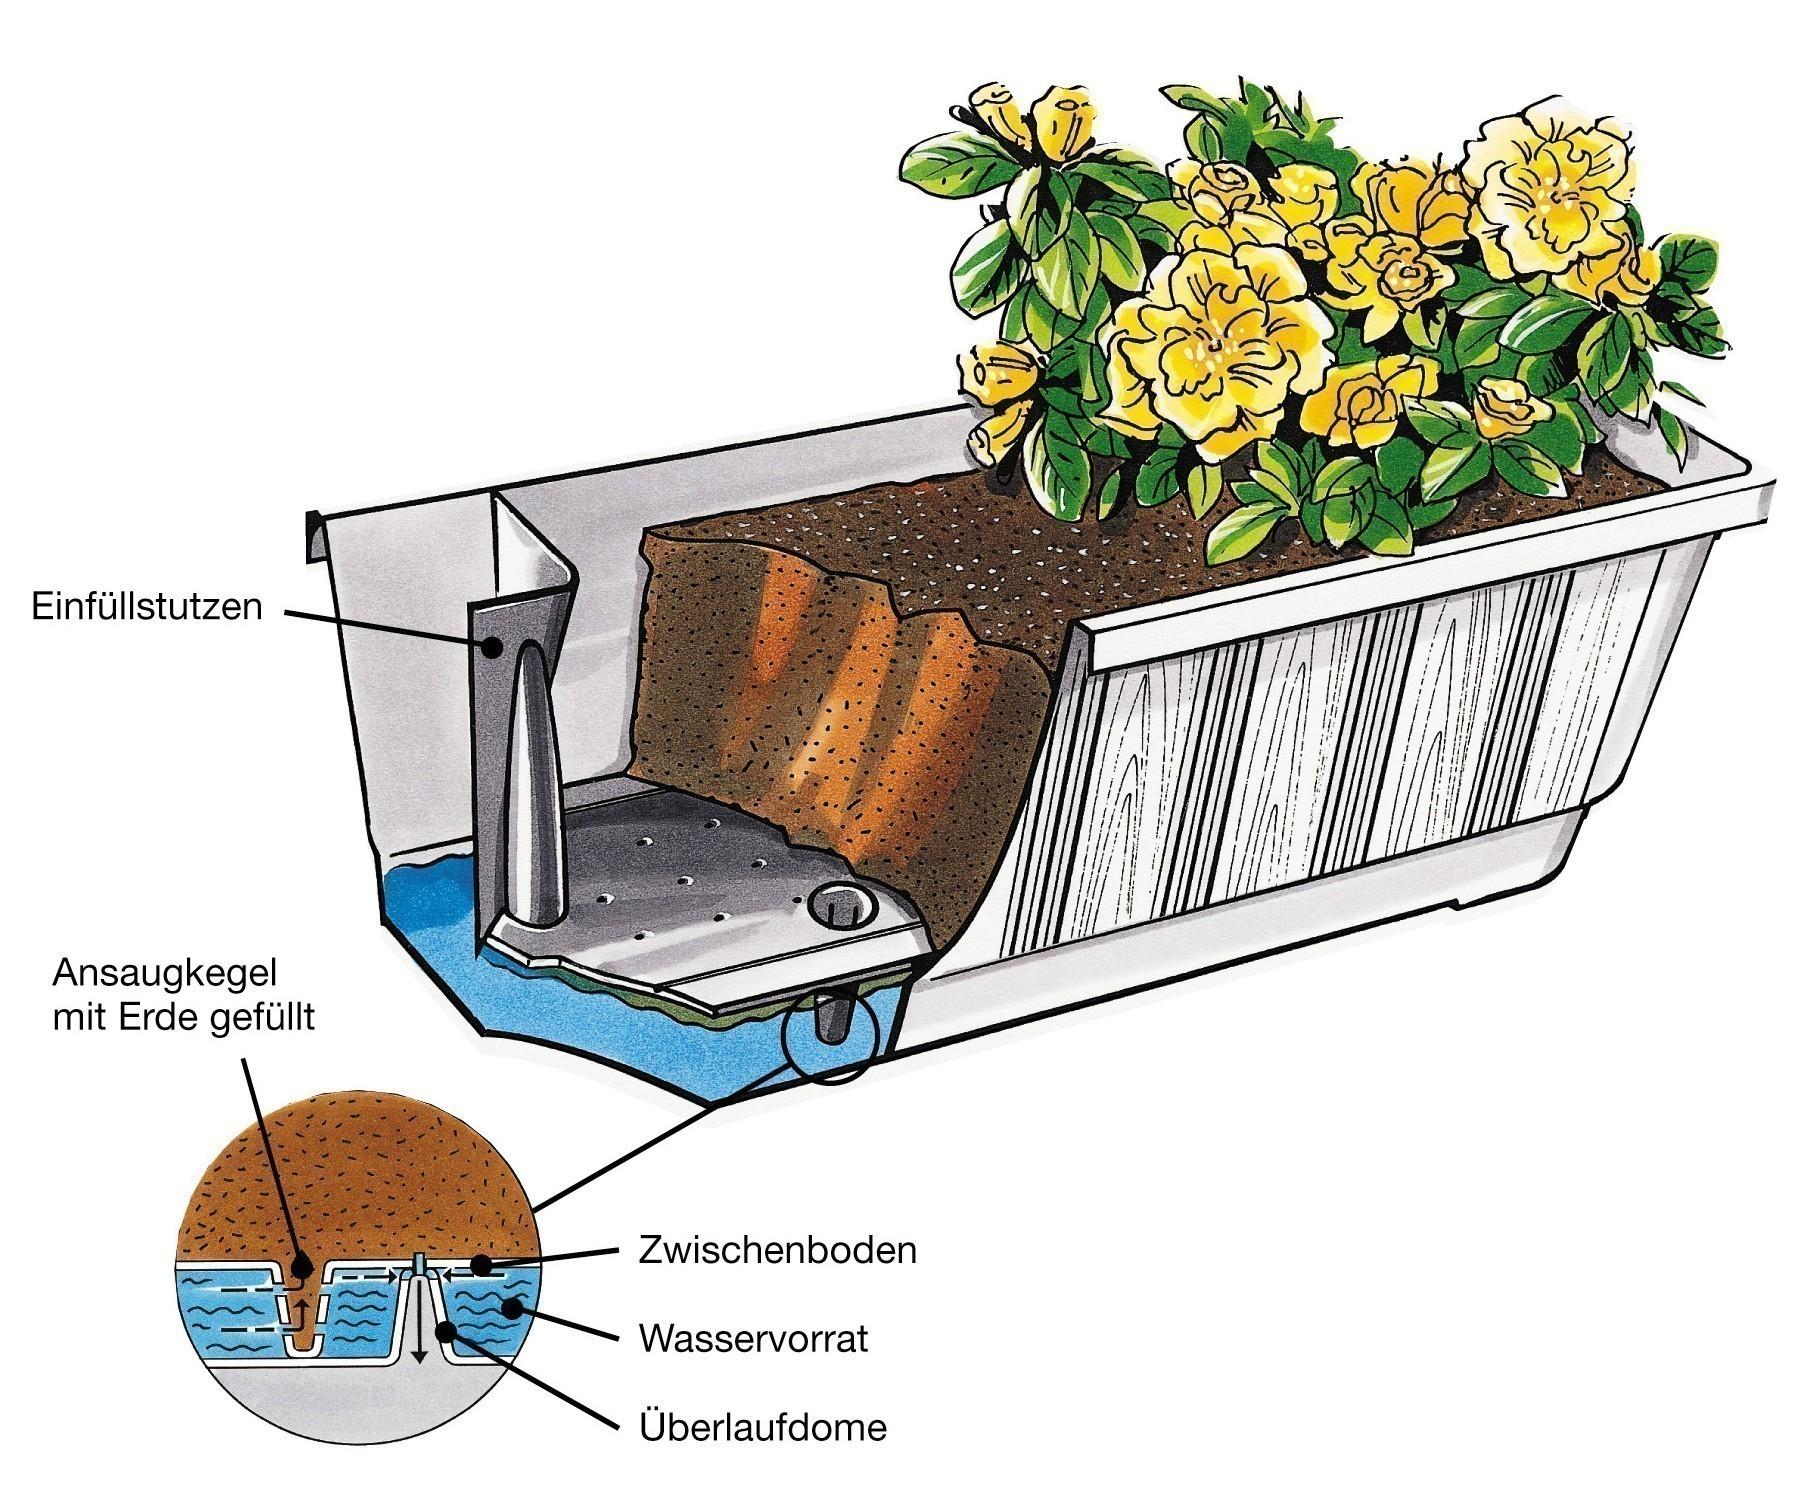 Bewässerungsblumenkasten Aqua Green Plus 60 cm weiß Bild 2